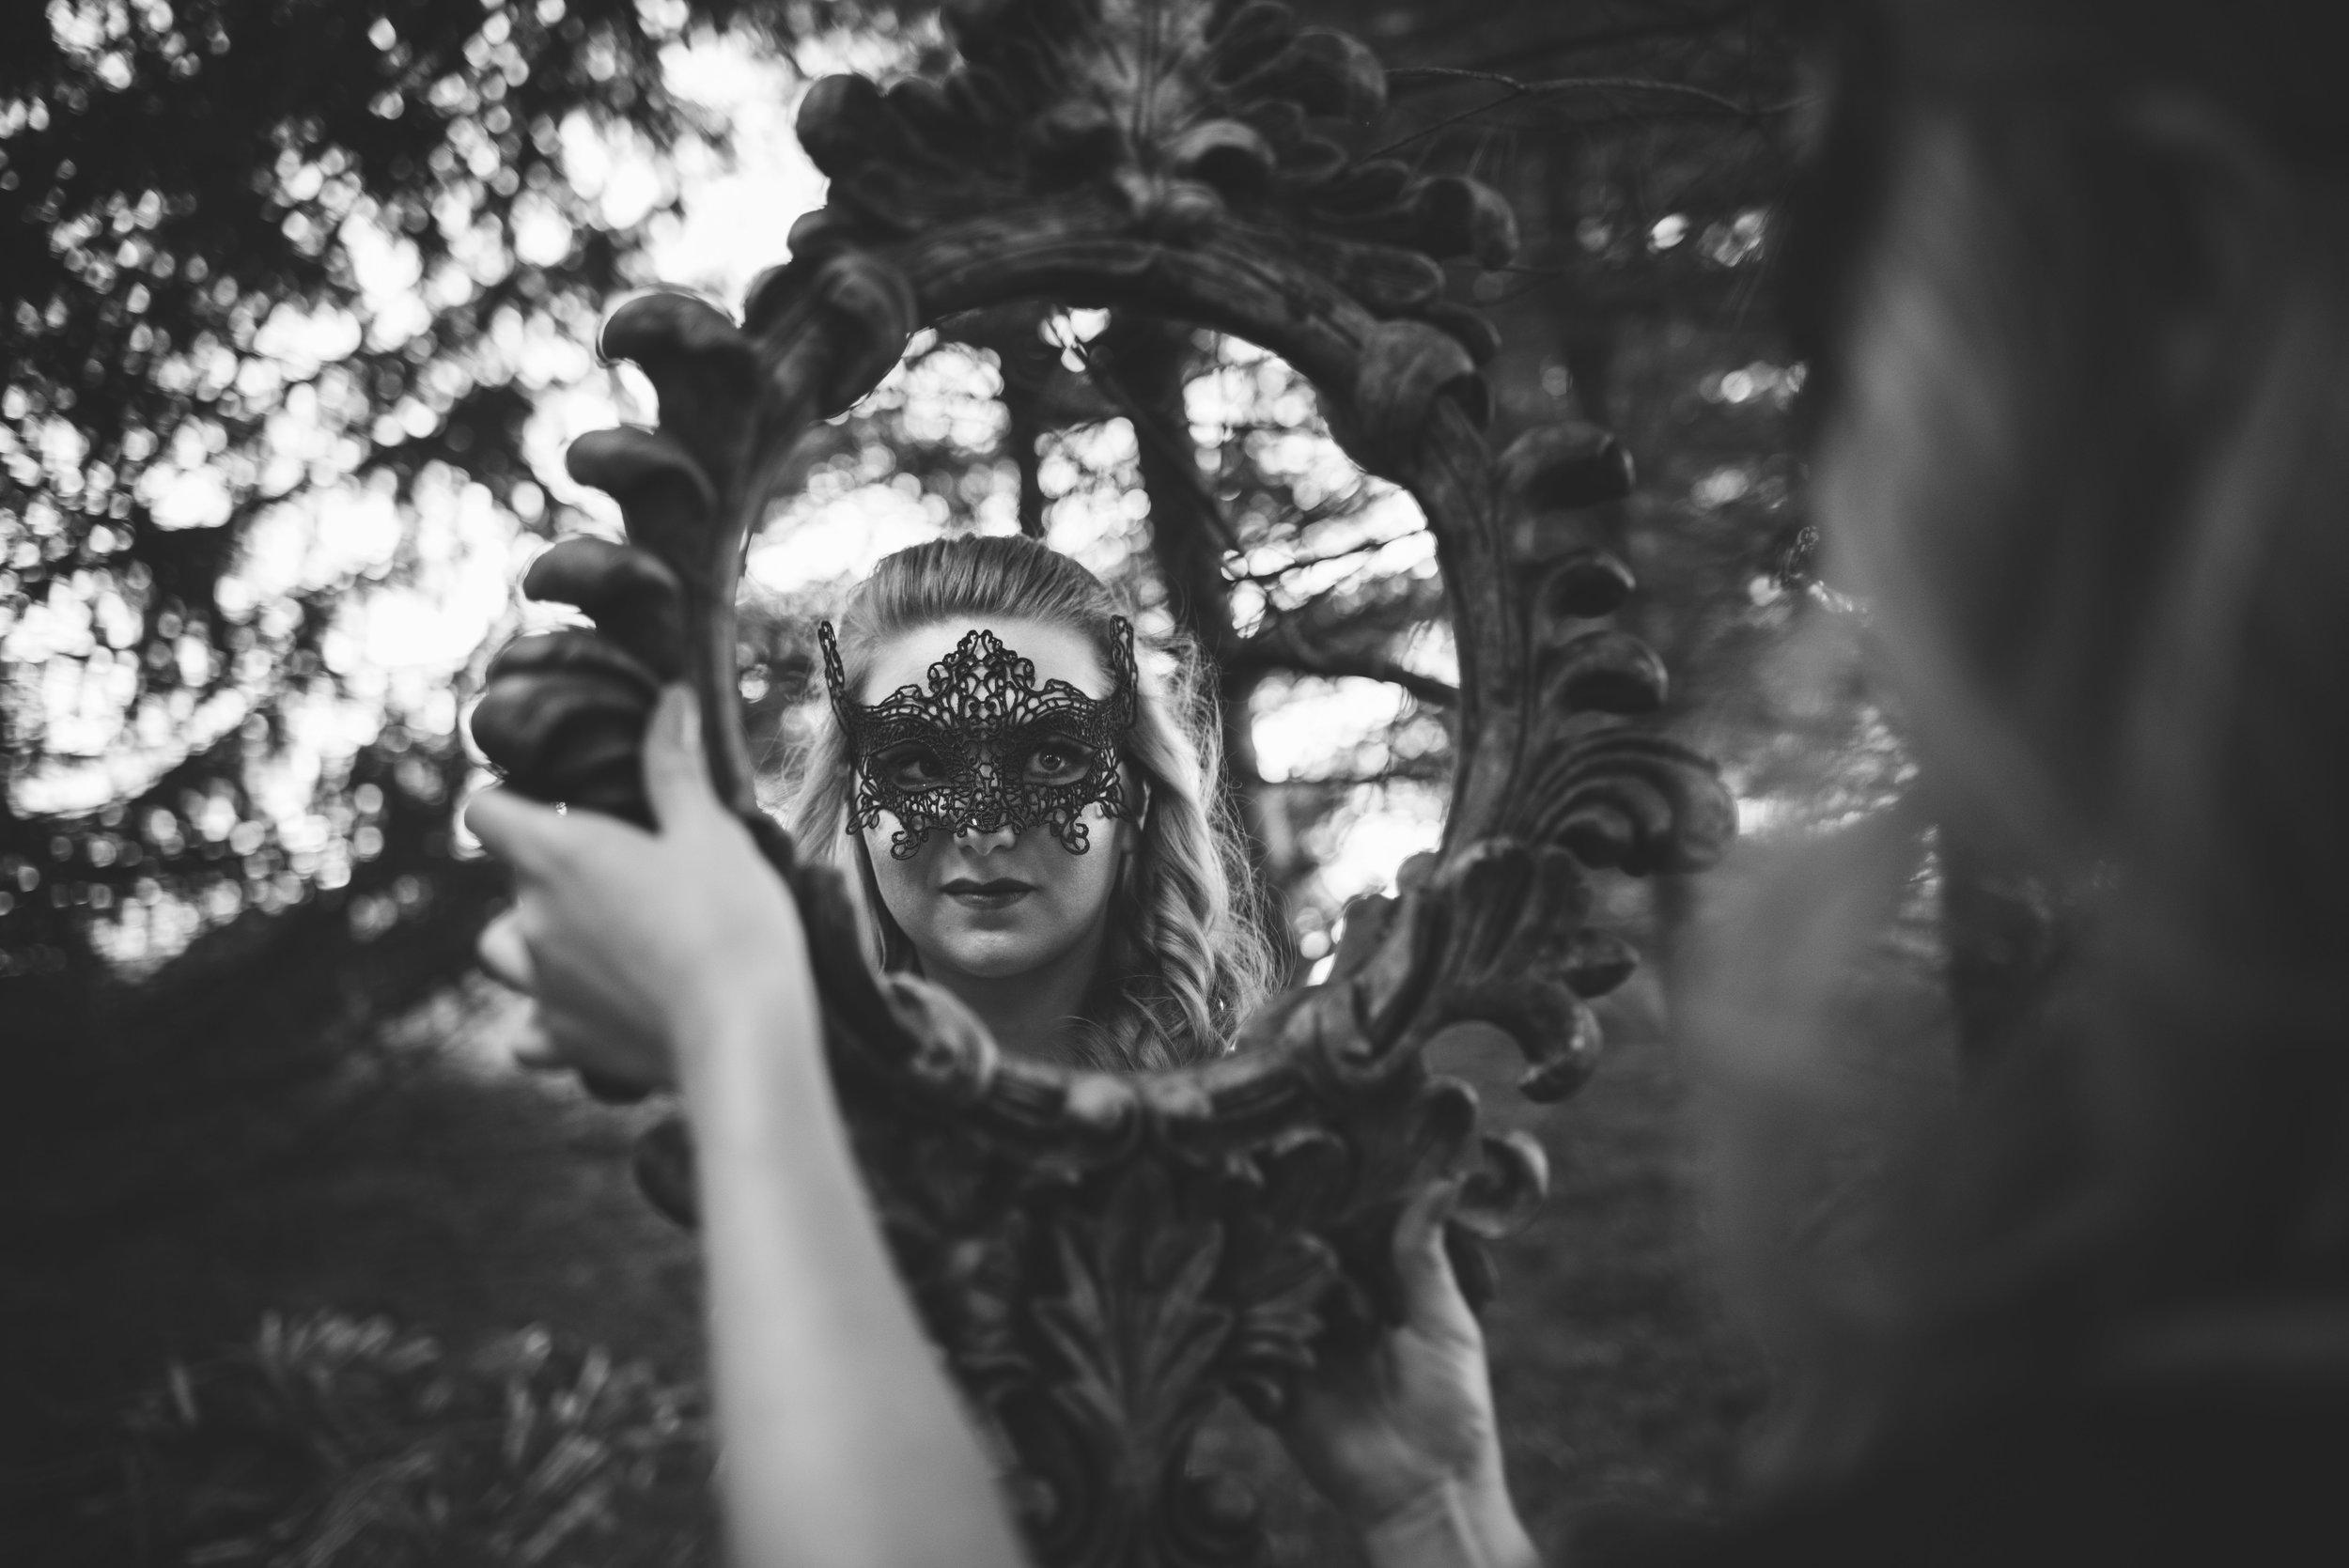 toledo model themed photo shoot black dress holloween-2.jpg